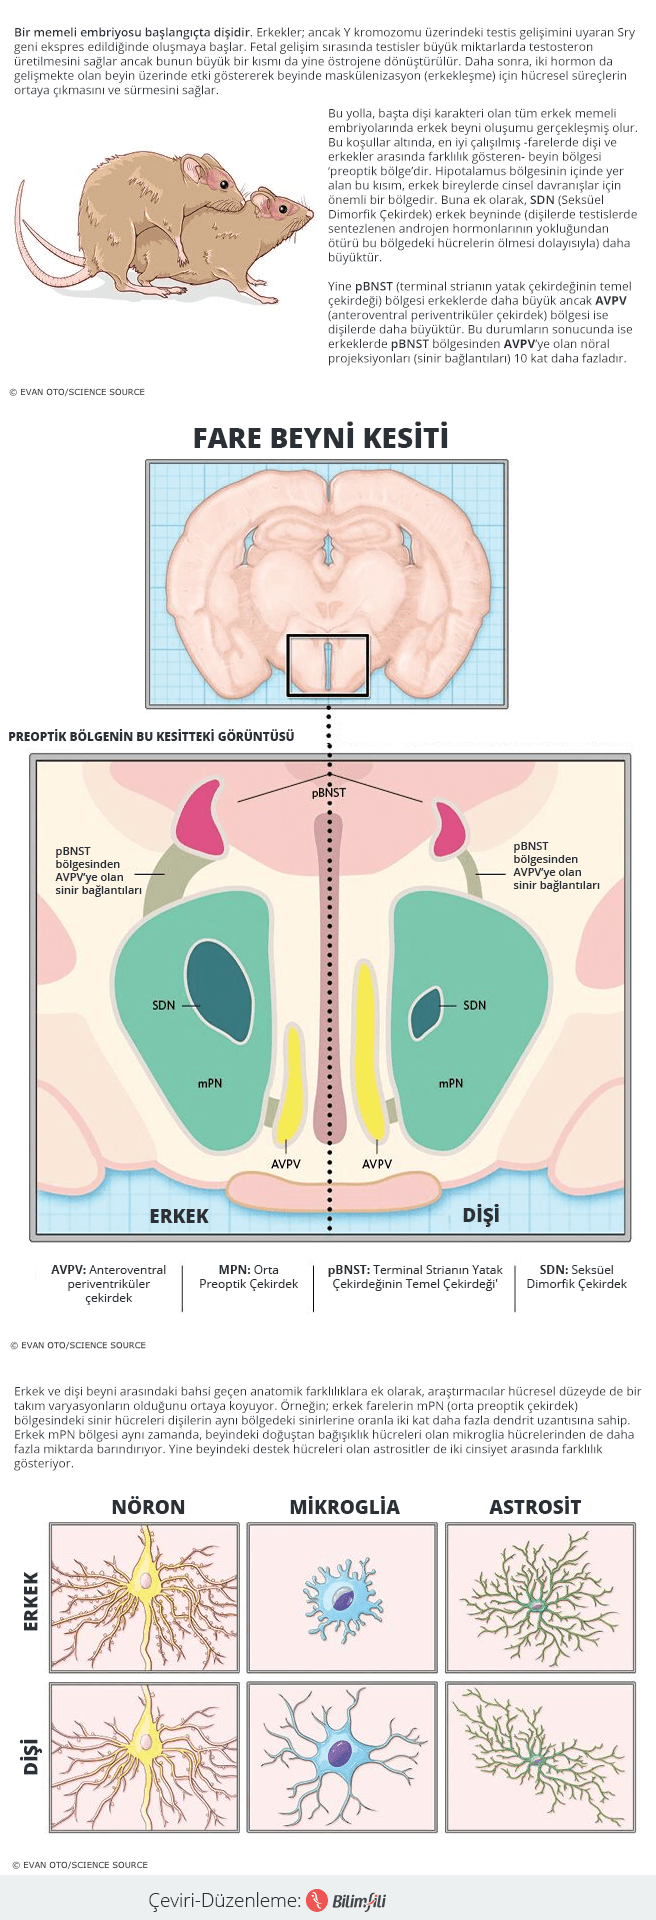 beyinde-cinsiyete-bagli-farklar-var-mi-infografik-bilimfilicom